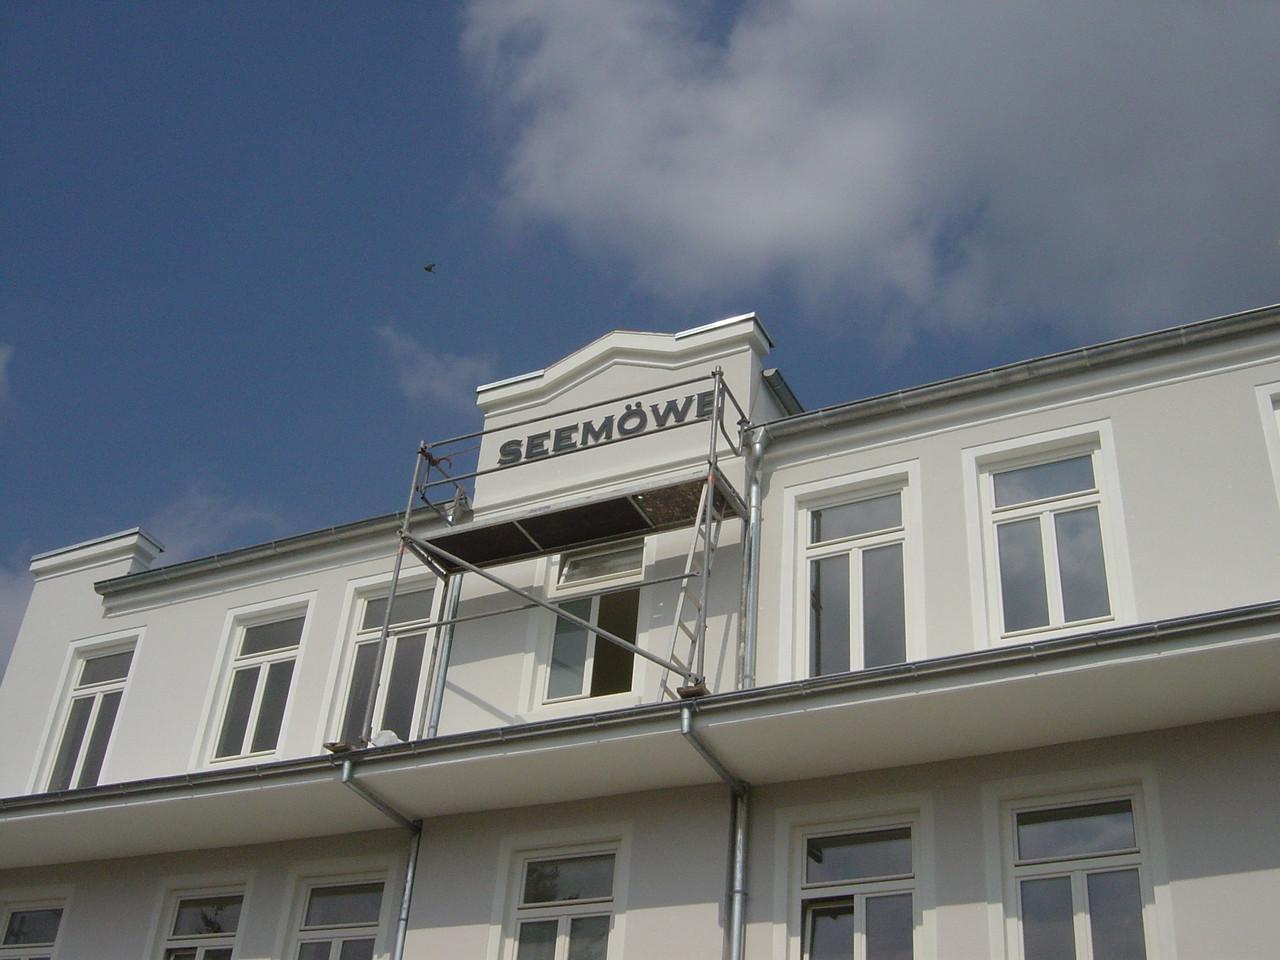 3-D Buchstaben für Hotel mit LED-Technik...